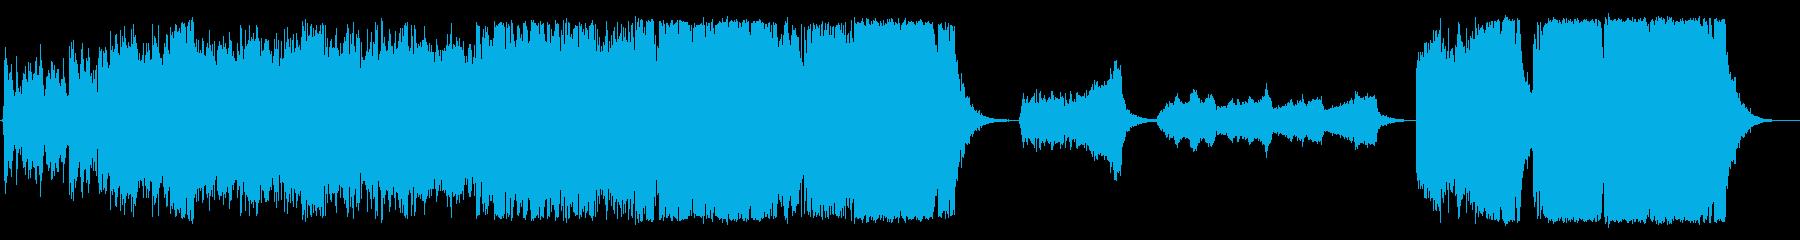 シネマティックなFPSゲームトレイラーの再生済みの波形